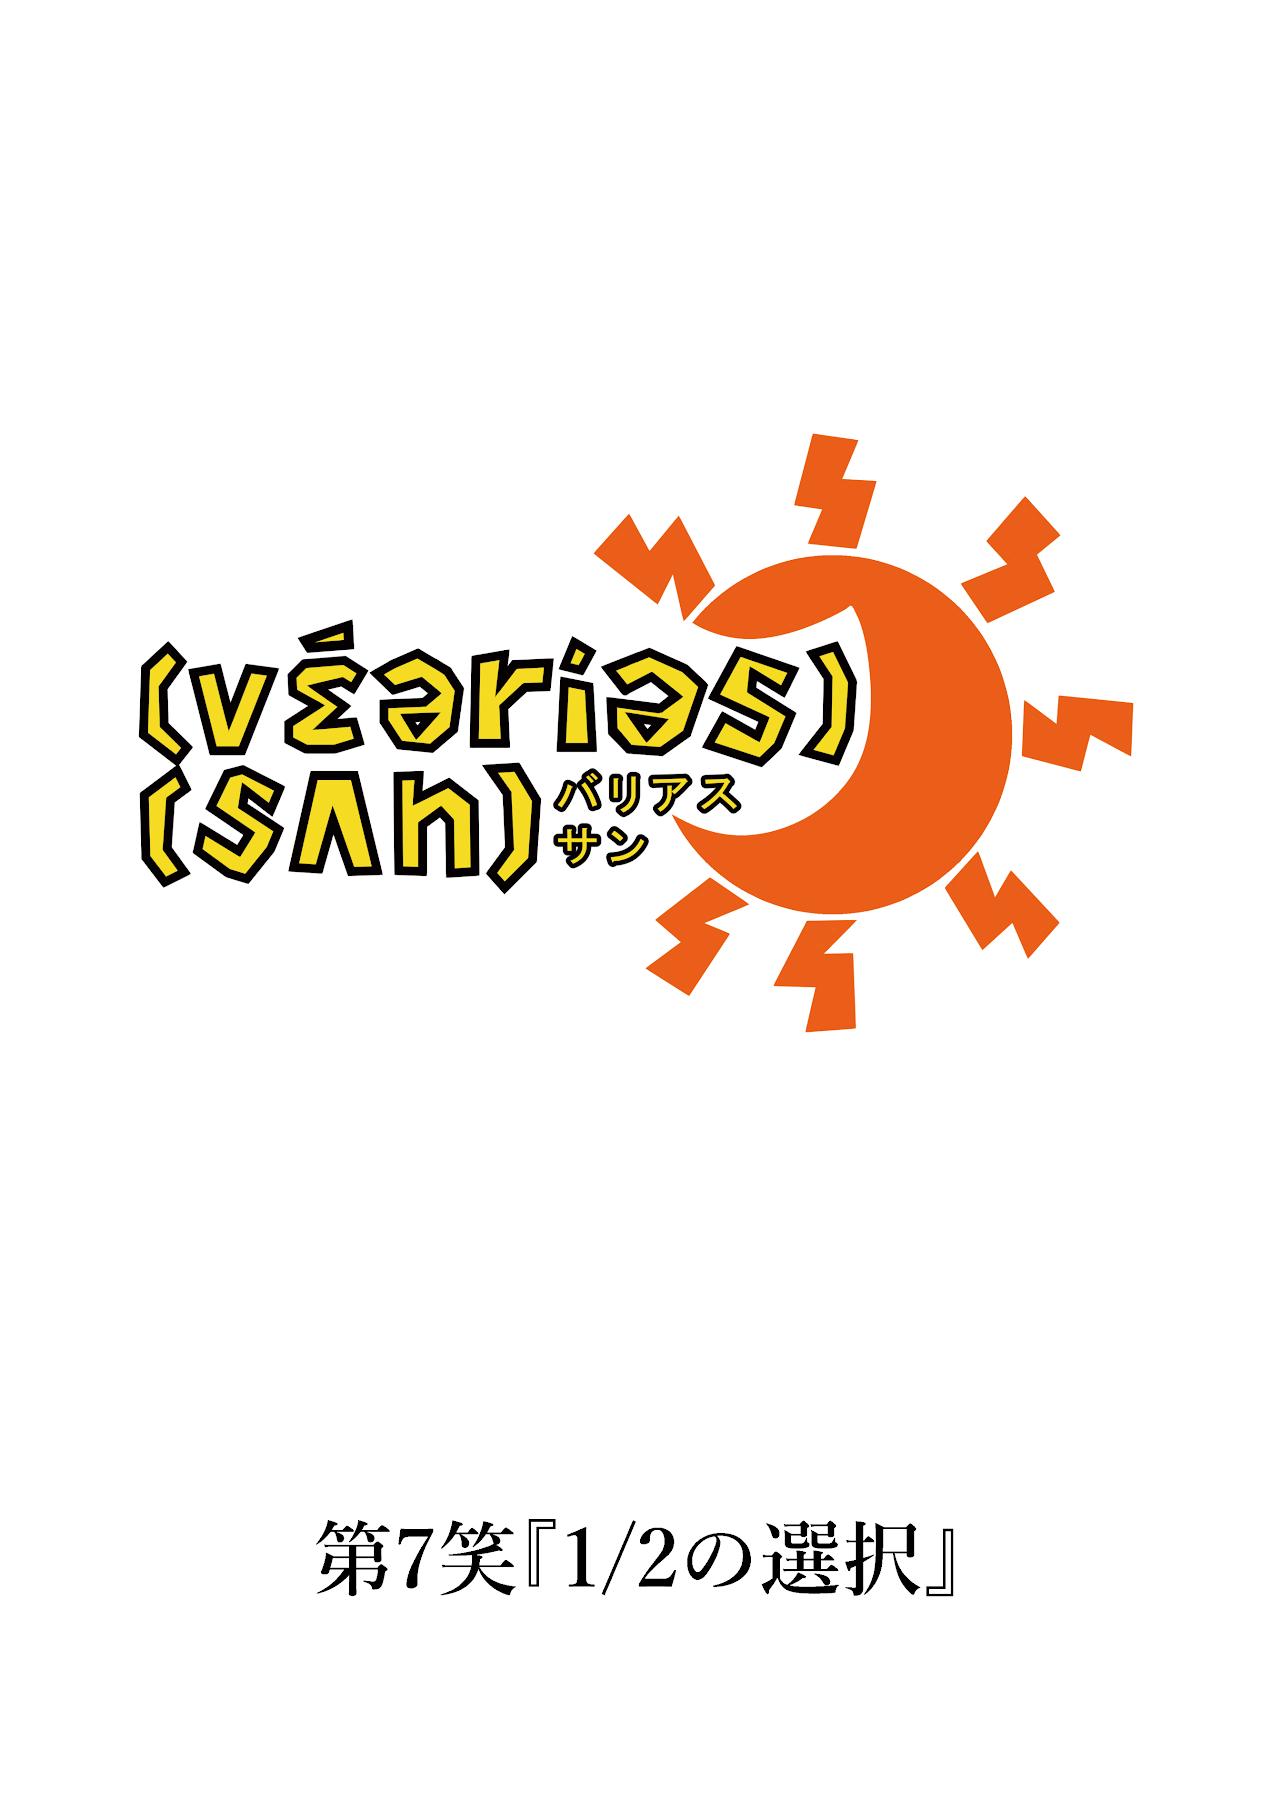 バリアス・サン7_1